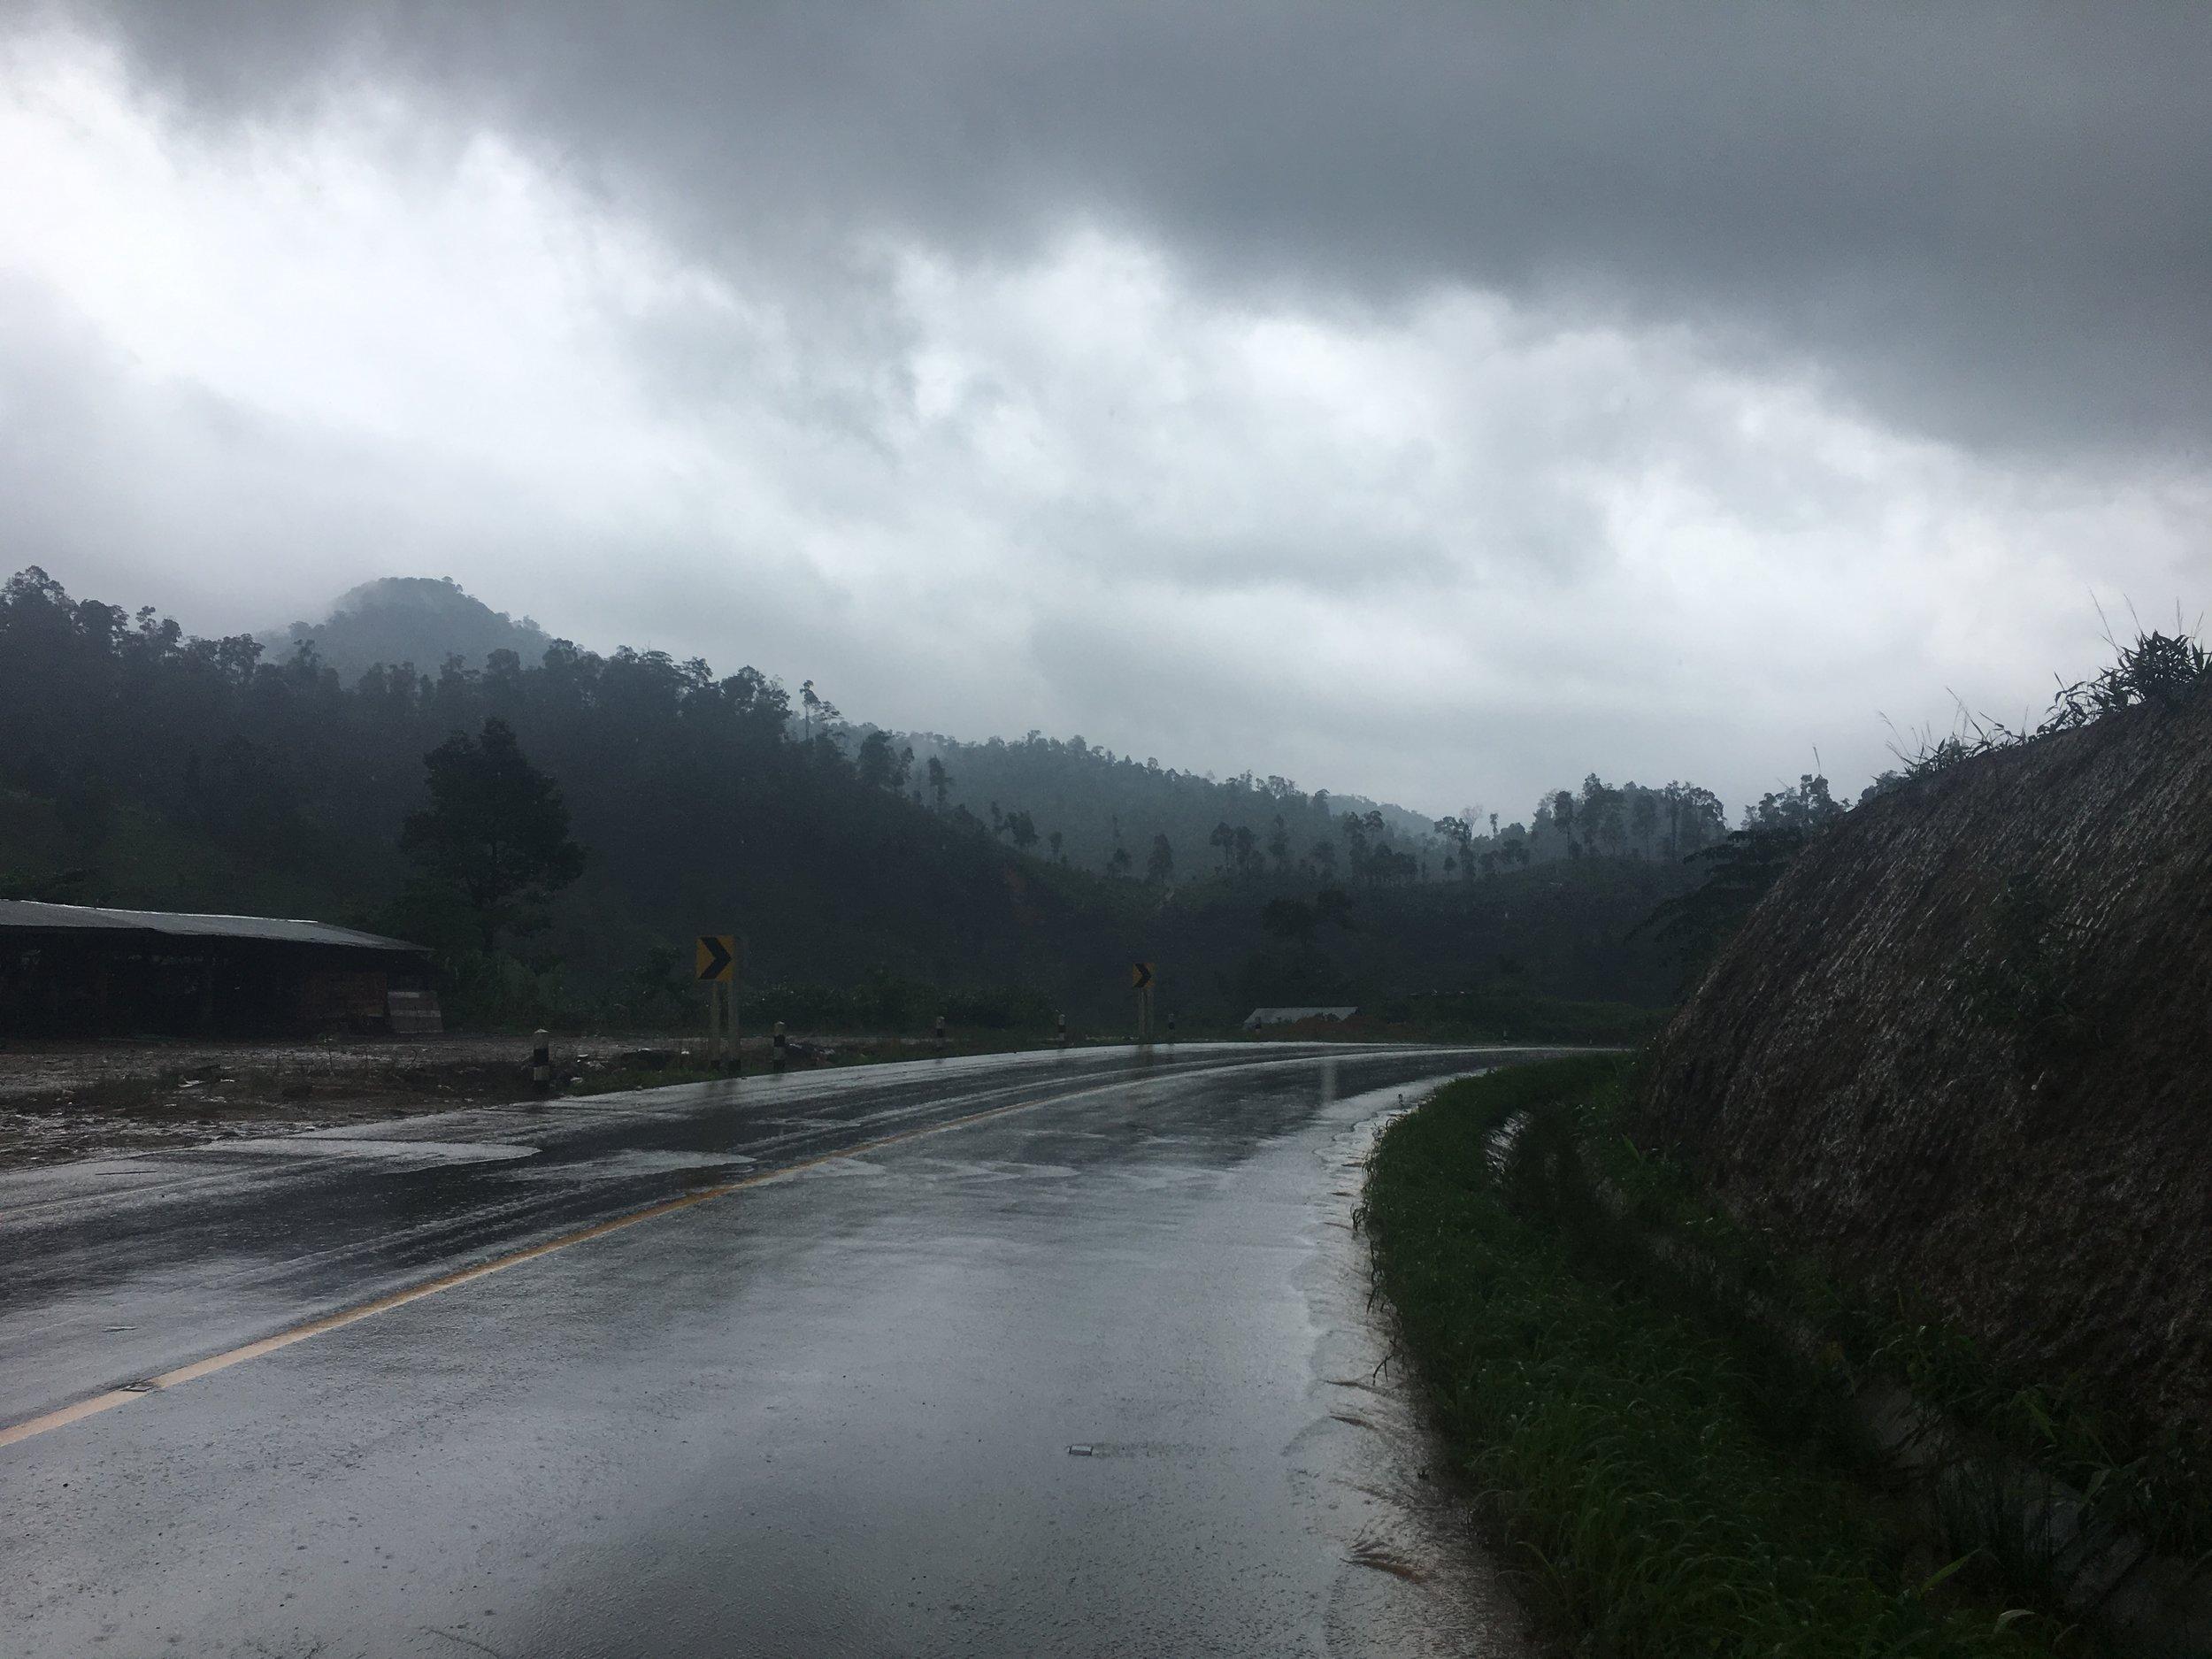 Flowing mountain roads